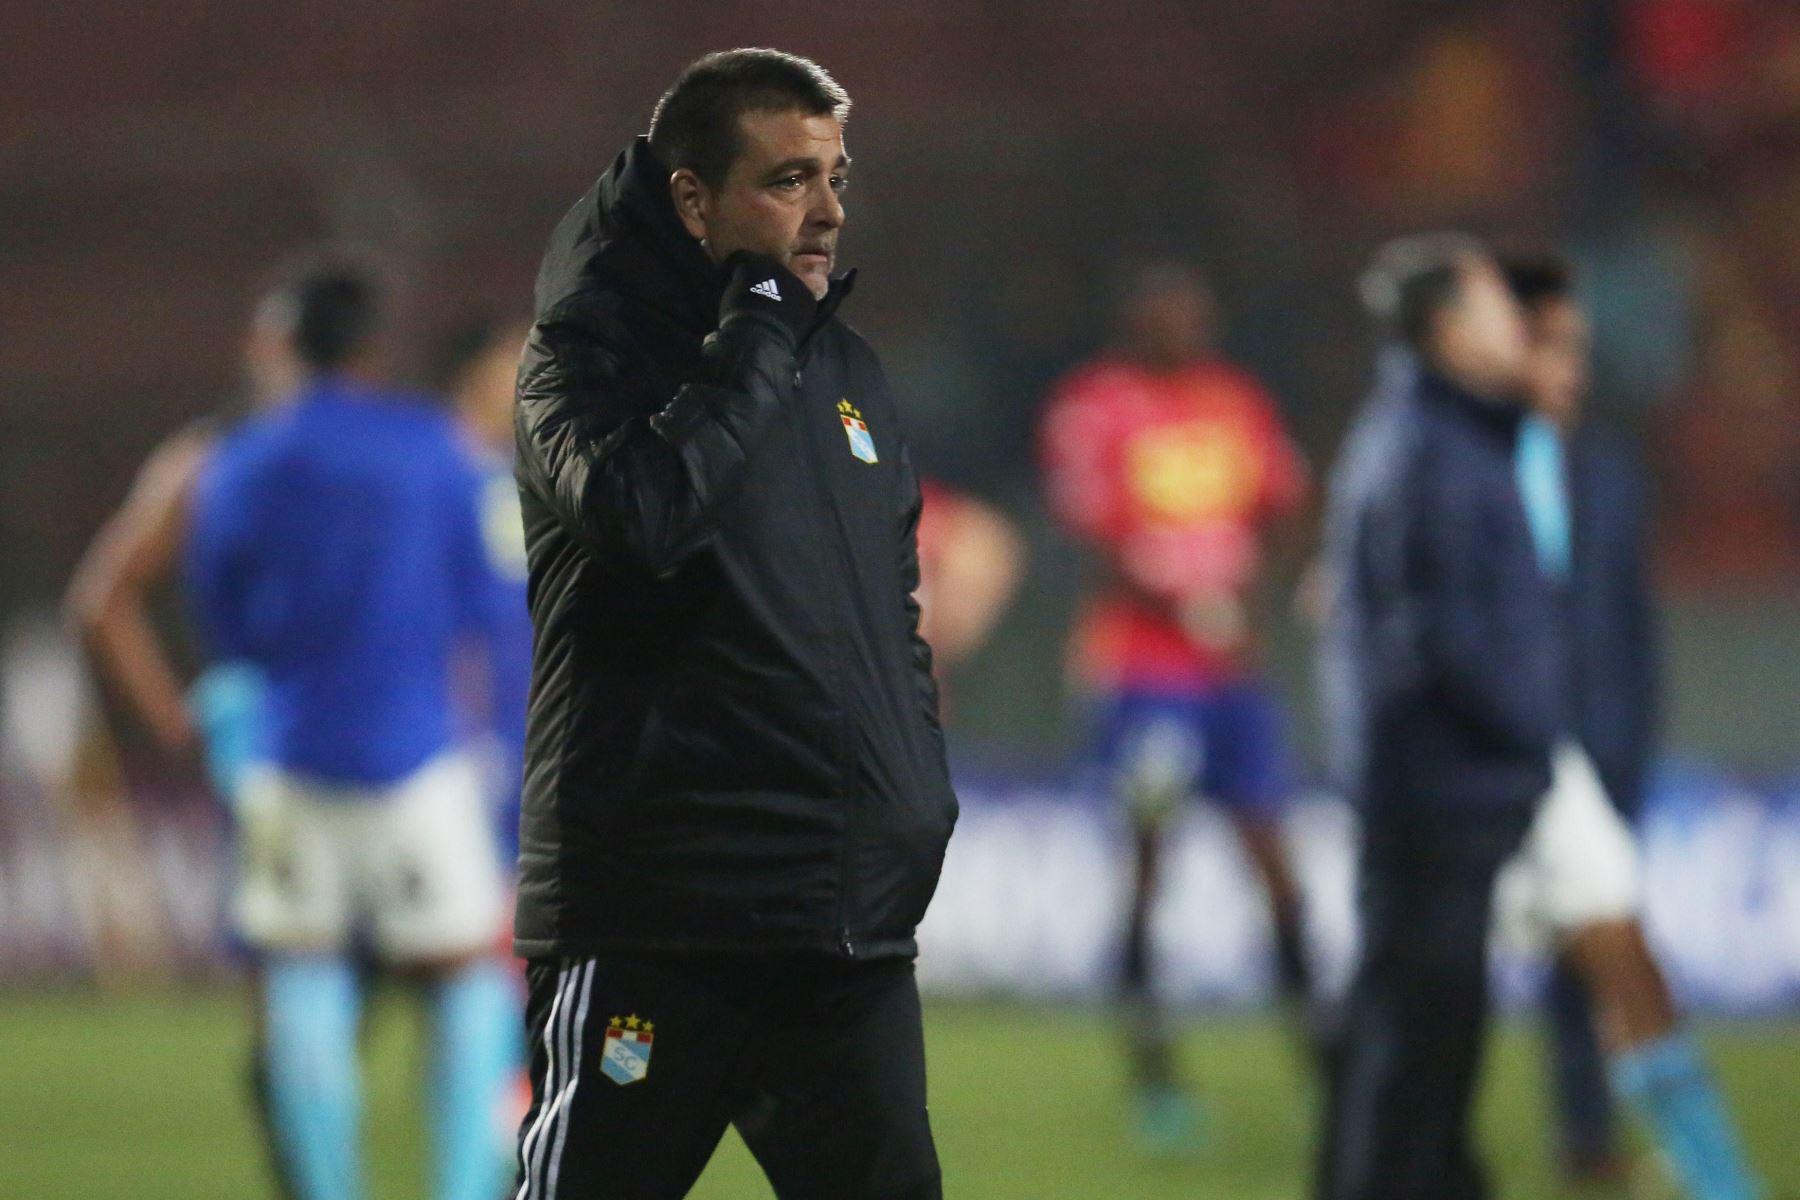 Claudio Vivas entrenador de Sporting Cristal festejan el triunfo ante Unión Española durante un partido de fútbol de la Copa Sudamericana 2019. Foto:EFE